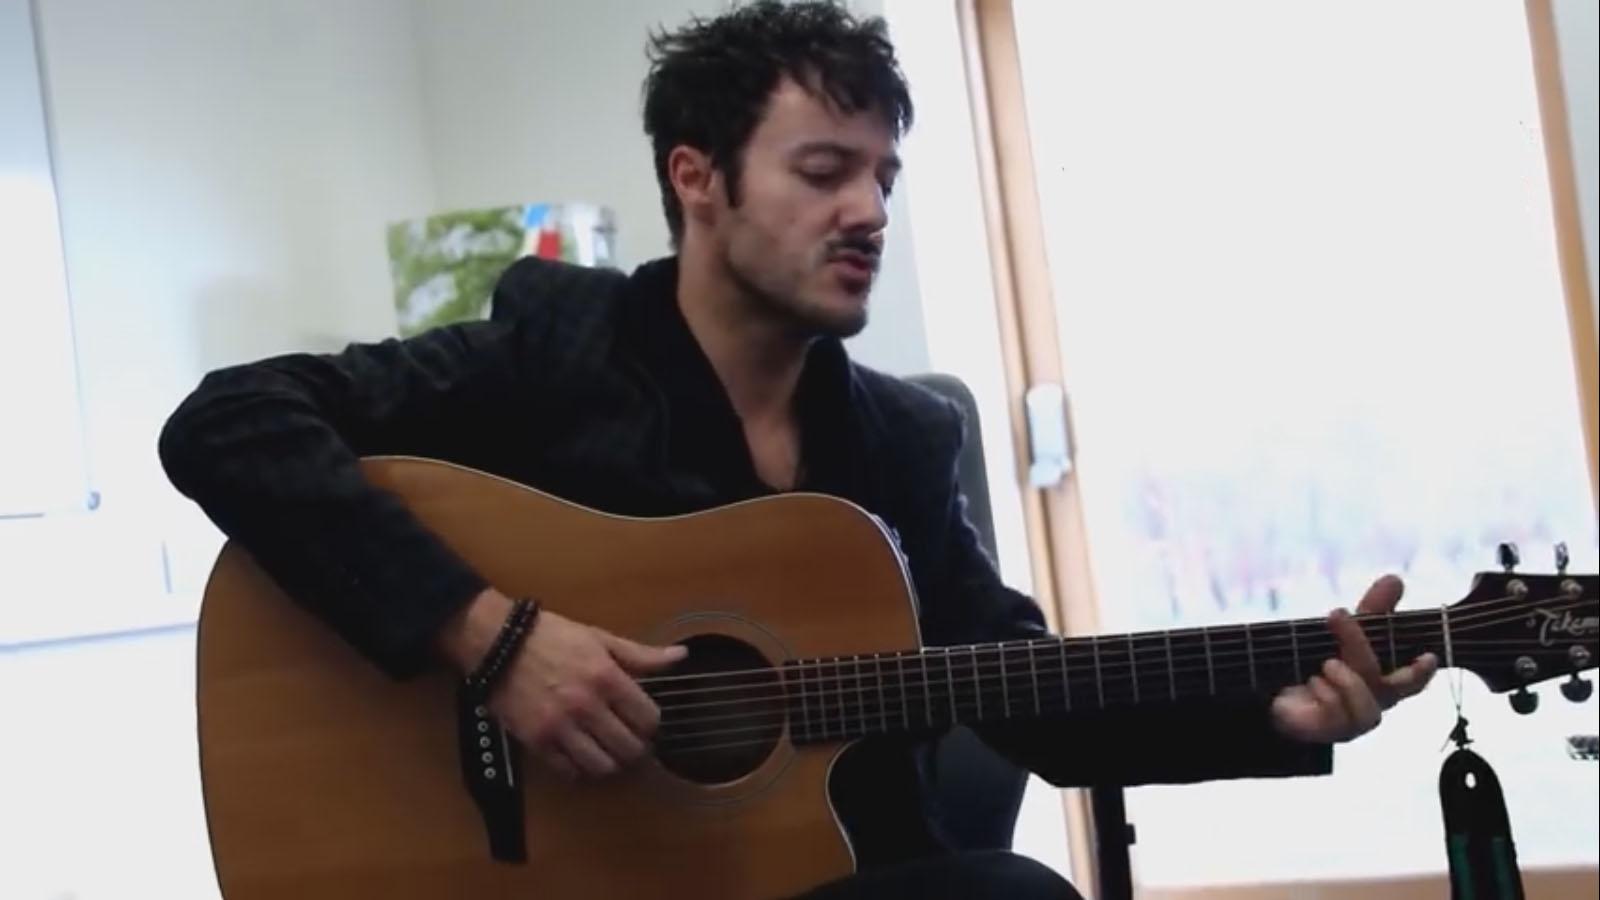 [VIDEO] Musica e apparecchi acustici